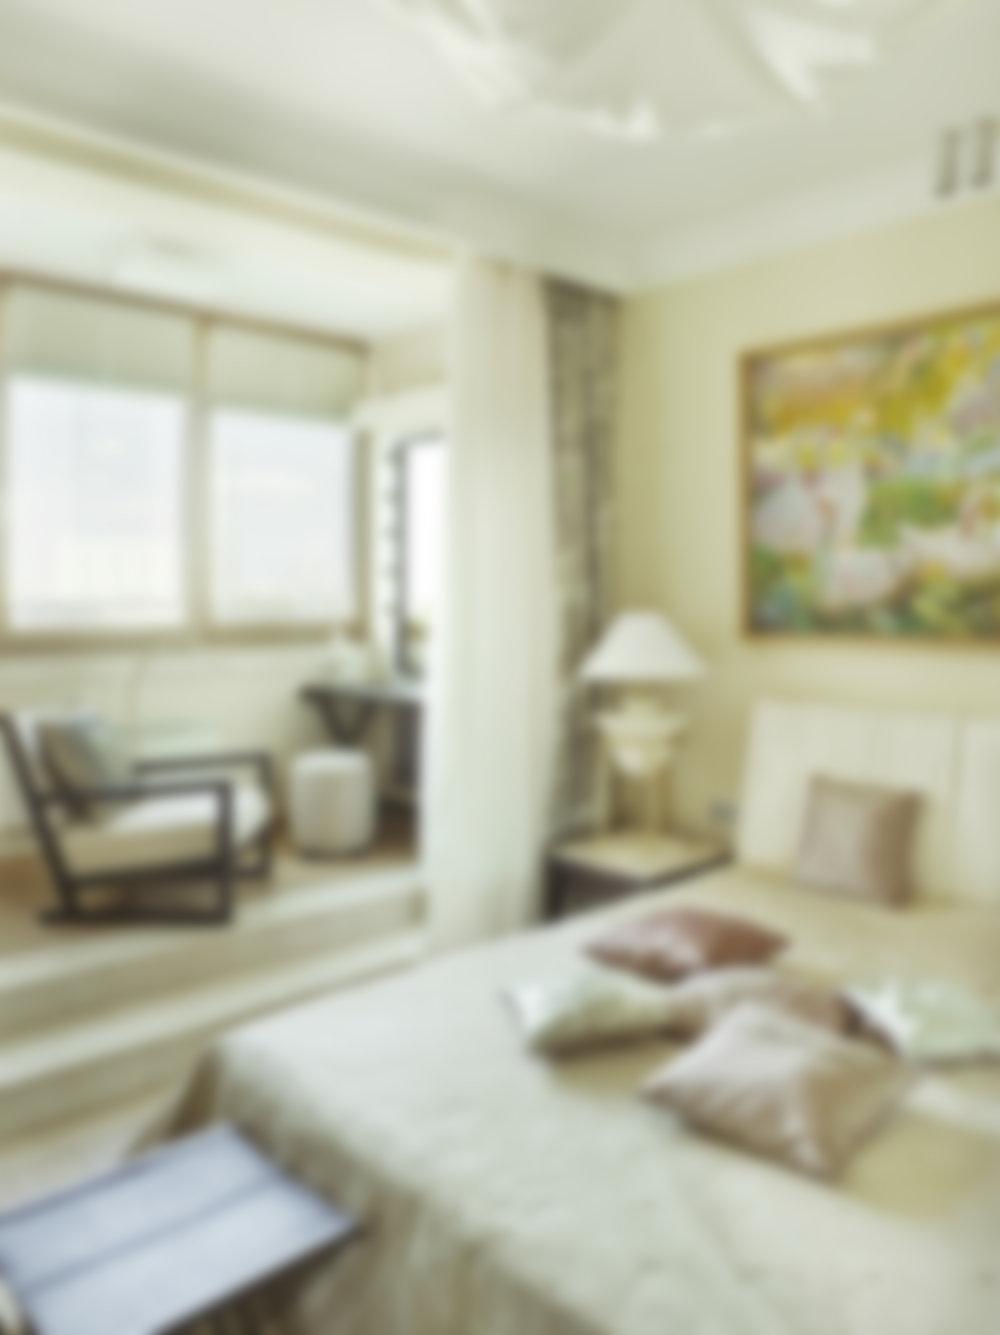 датская теннисистка дизайн спальни с балконом в квартире фото фоновый свет